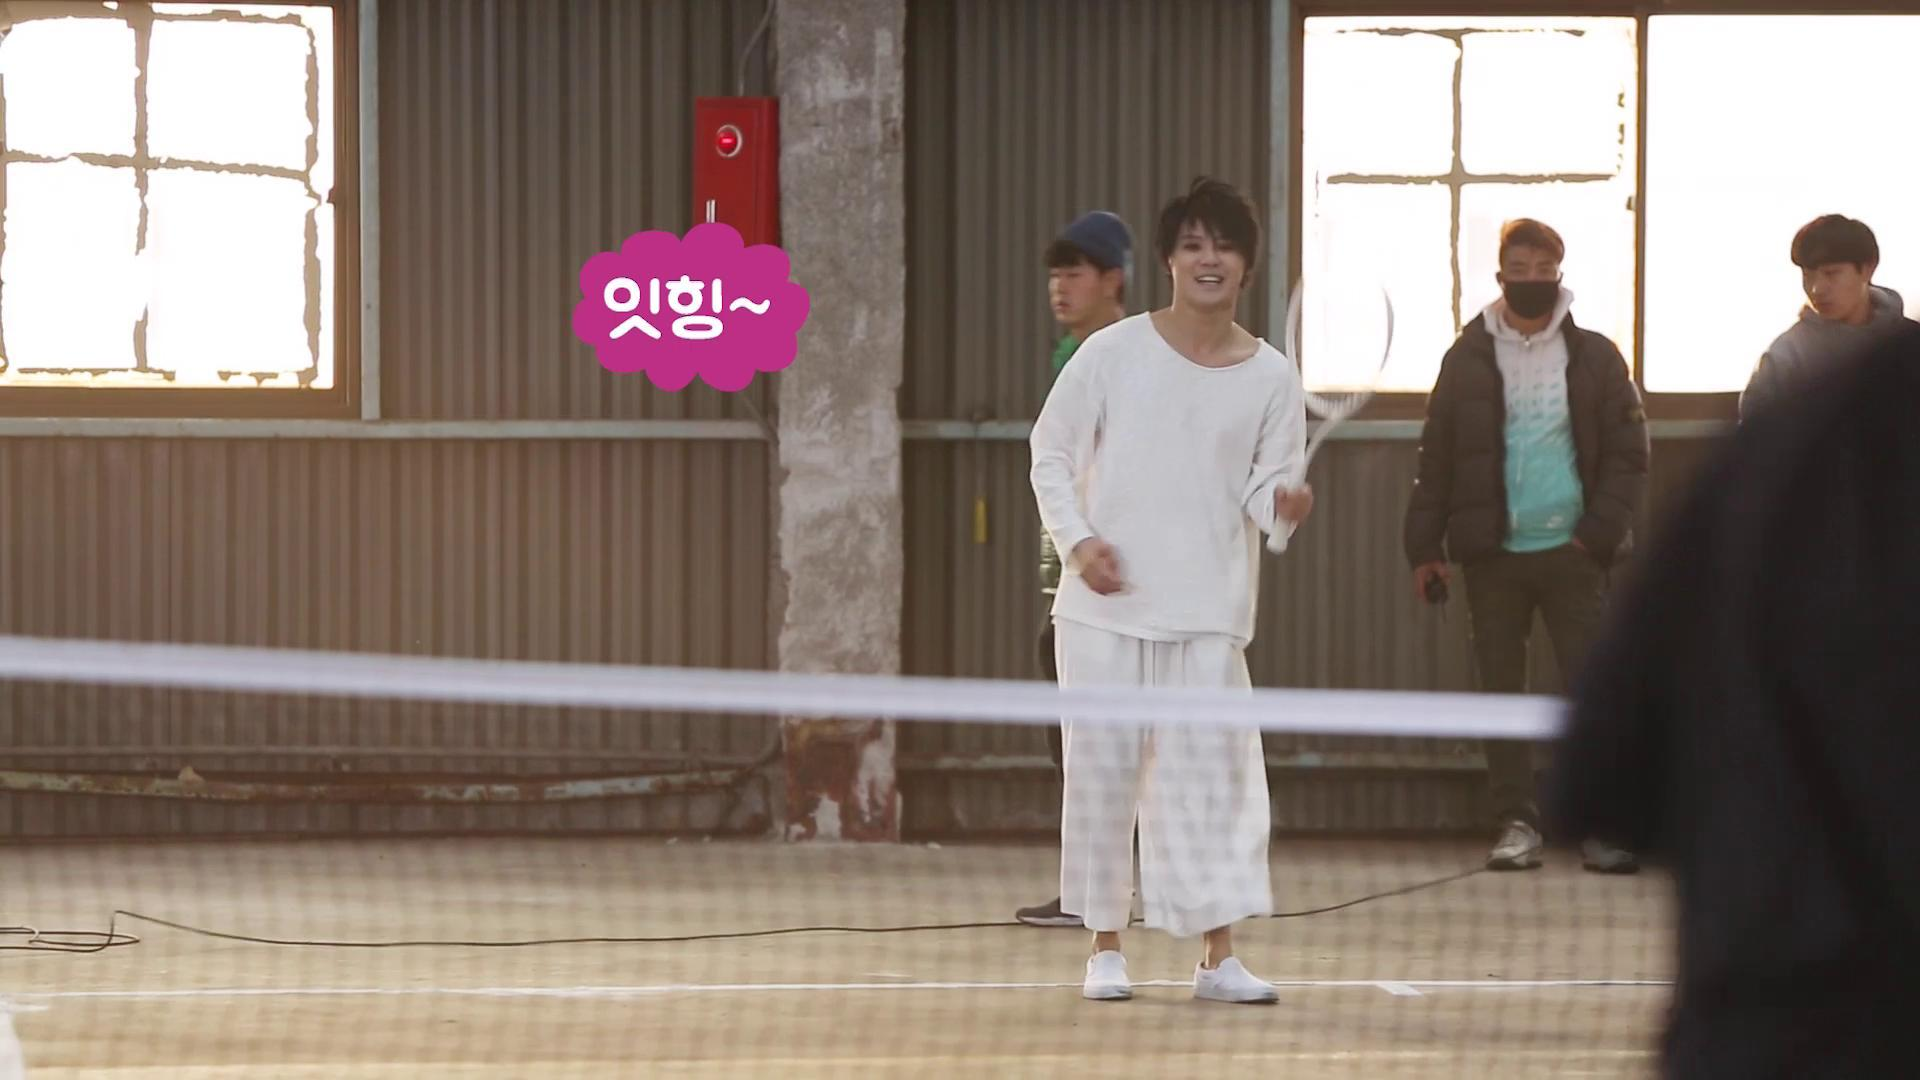 김준수 - 뮤지컬 데스노트 '놈의 마음속으로' MV 촬영현장 비하인드 Film